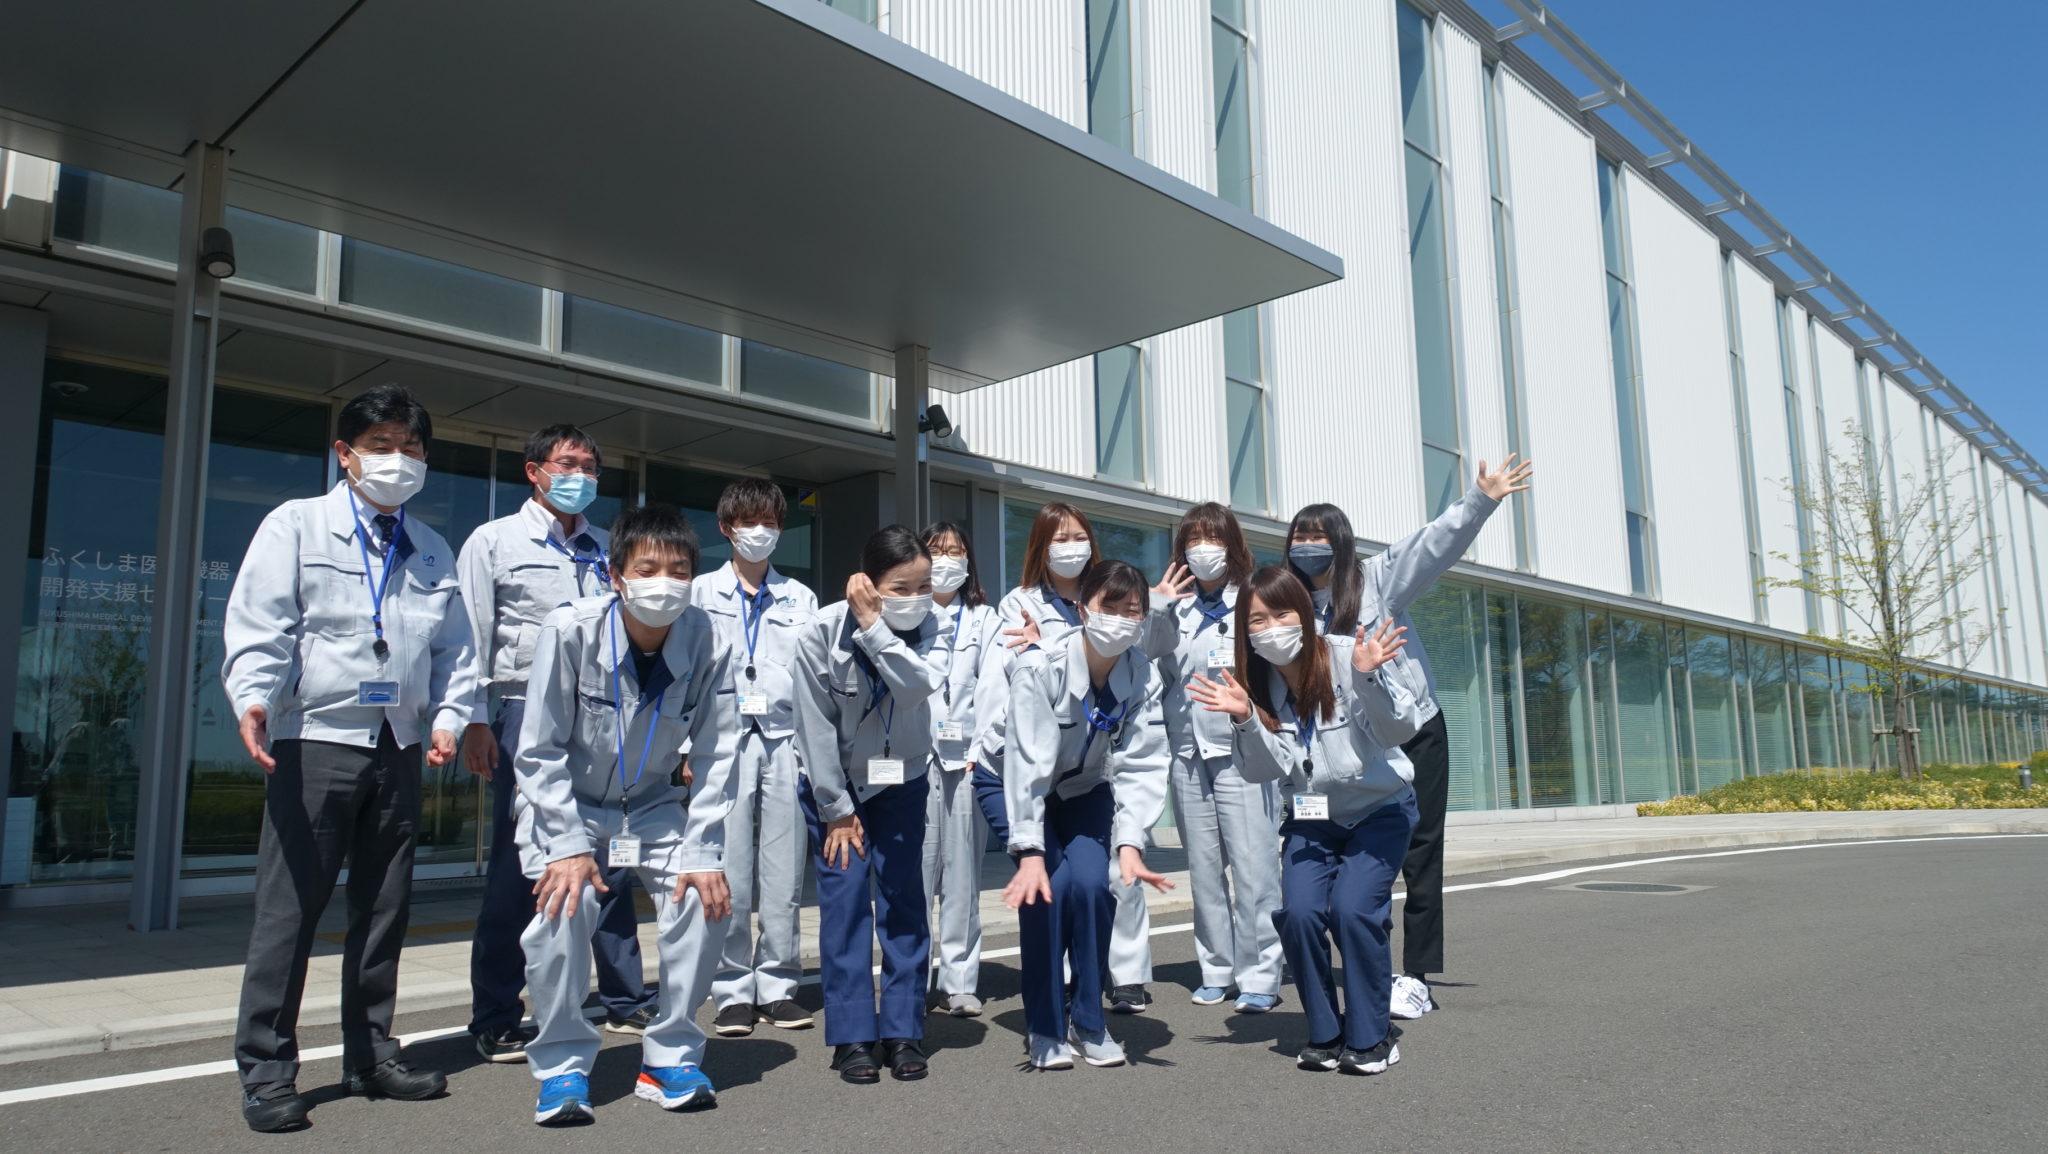 一般財団法人ふくしま医療機器産業推進機構 (ふくしま医療機器開発支援センター)写真